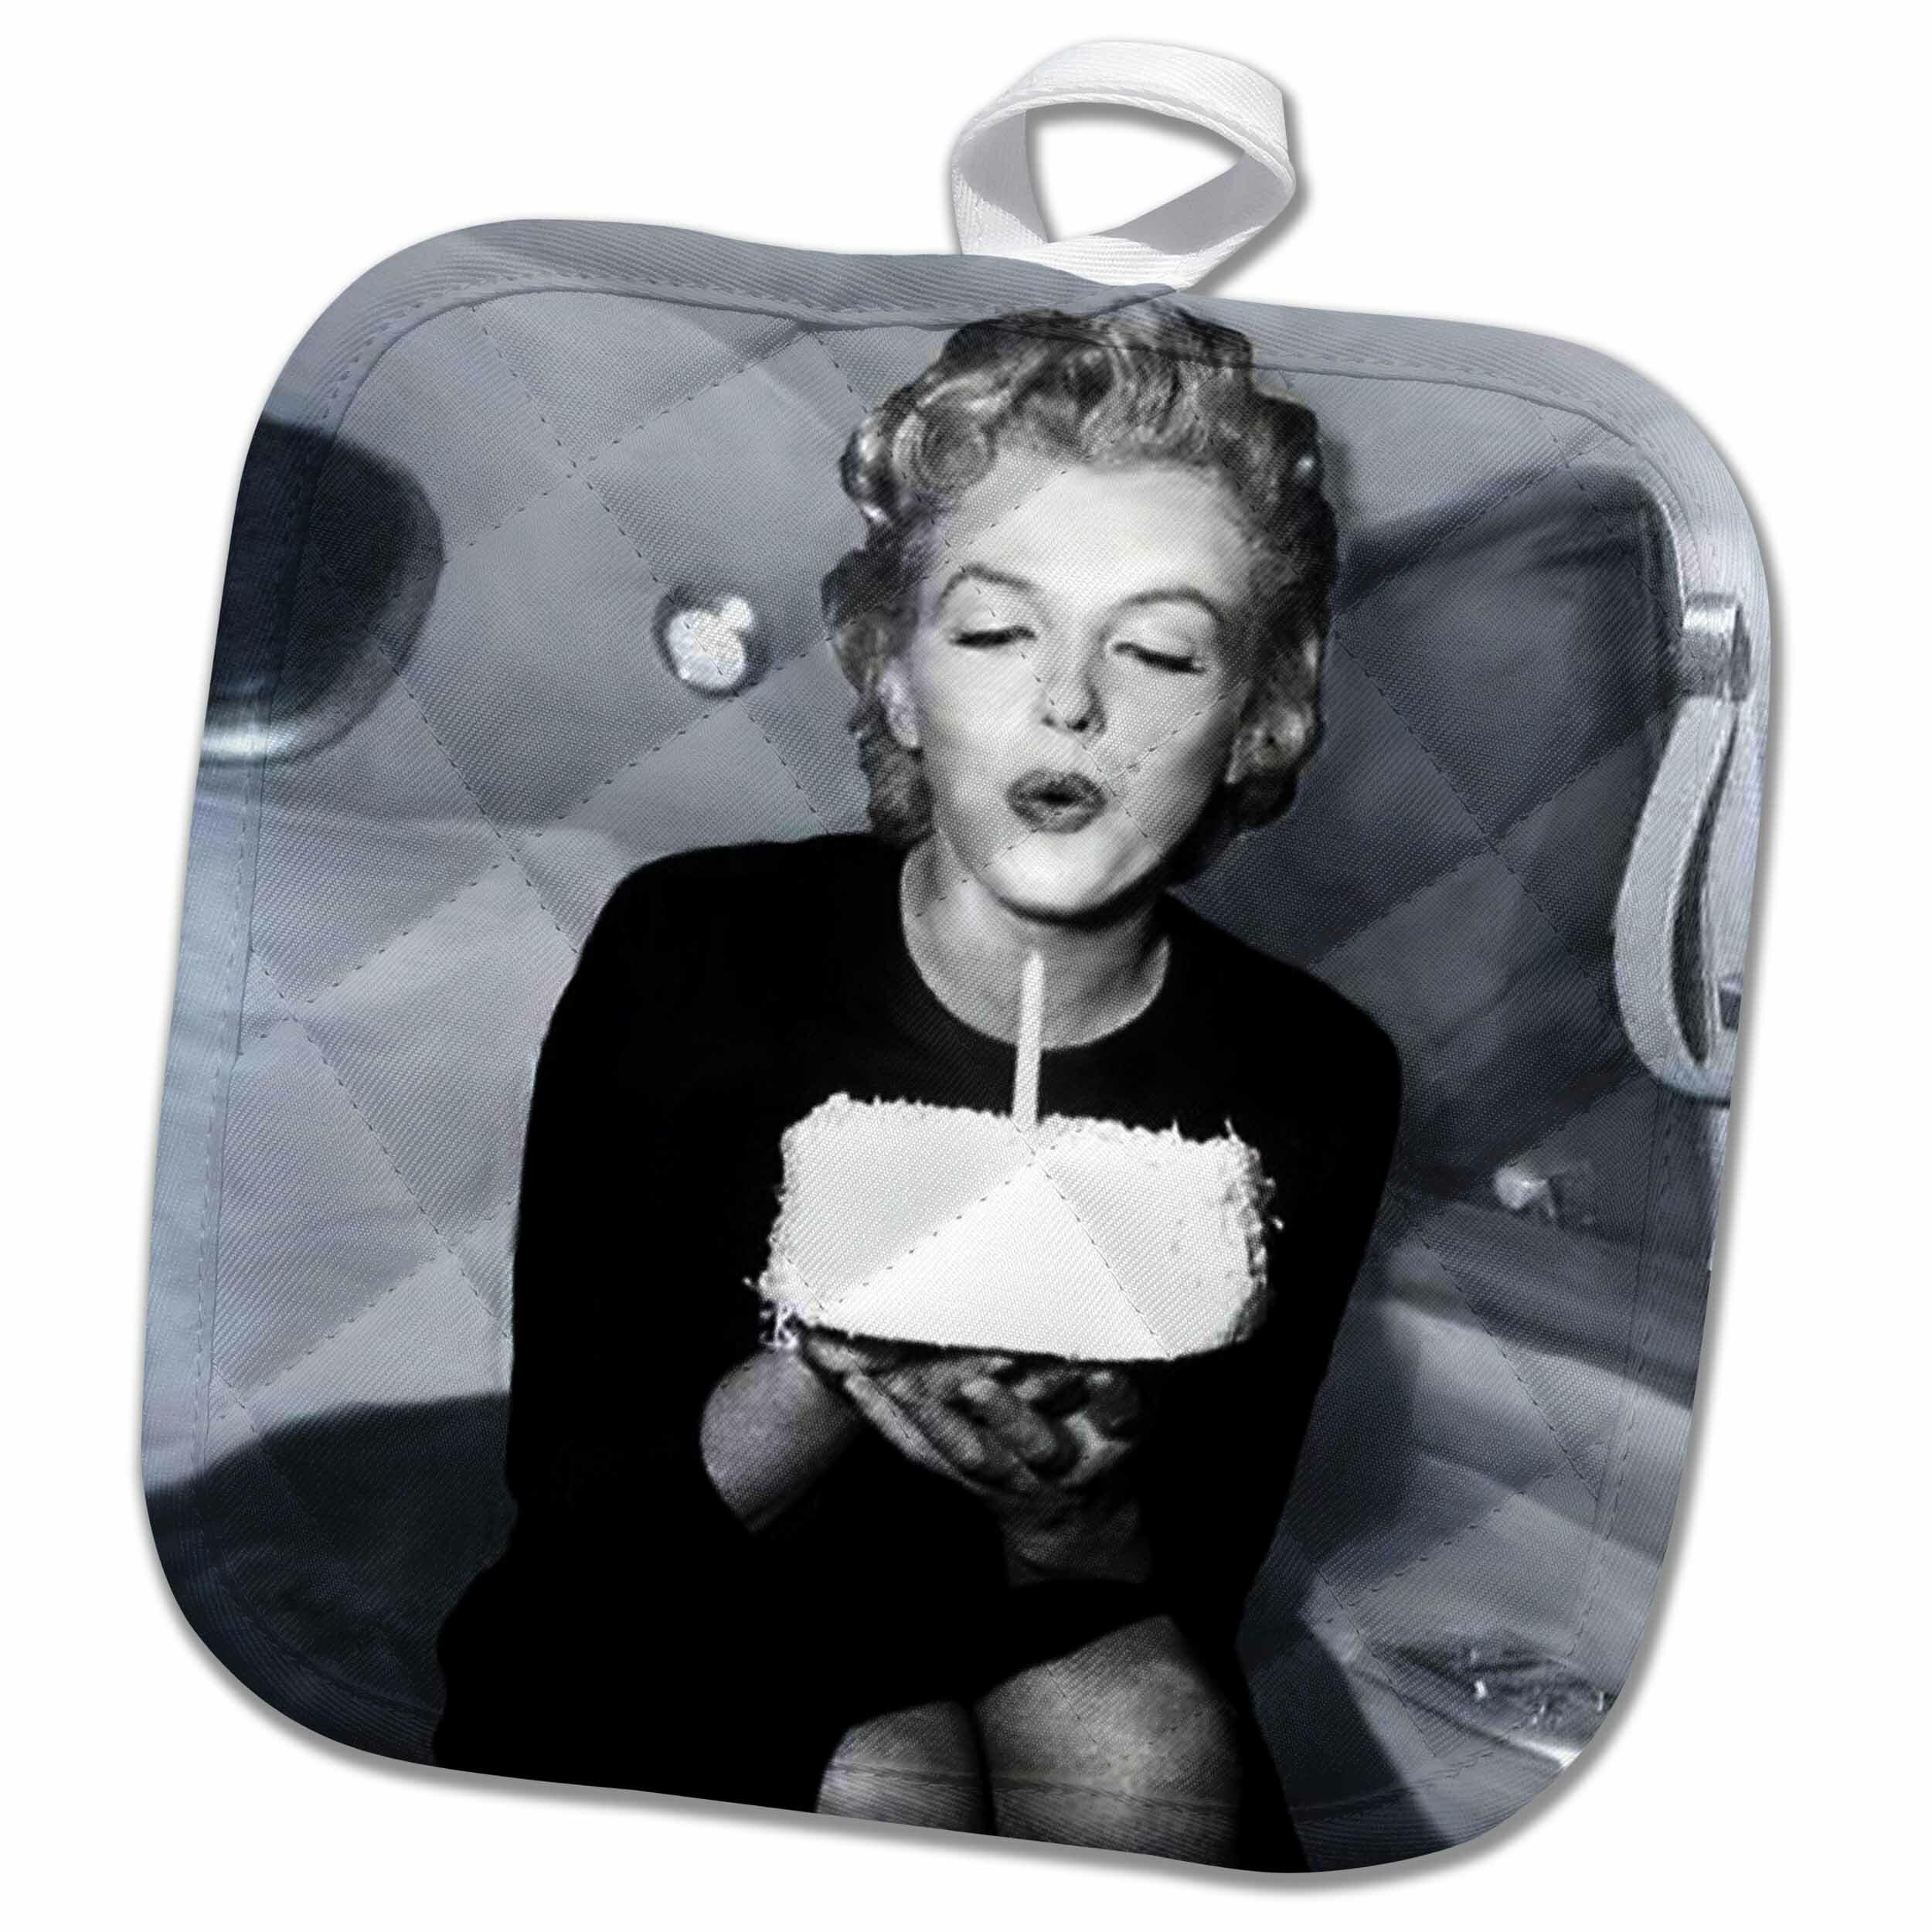 Marilyn Monroe Pot Holder